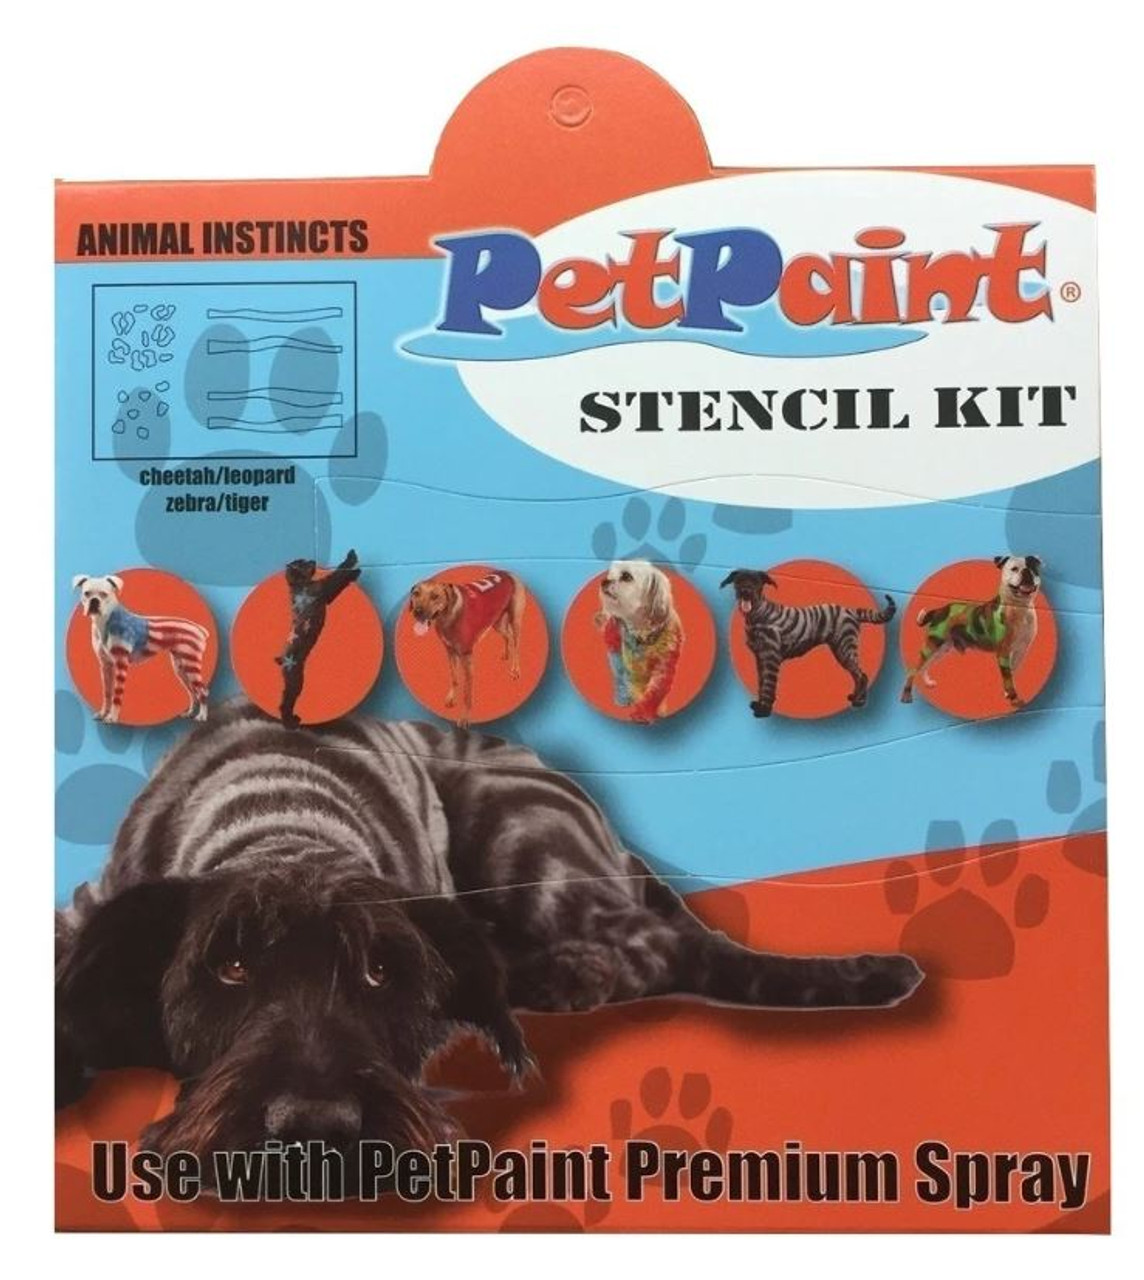 3 Animal Instincts Pet Stencils